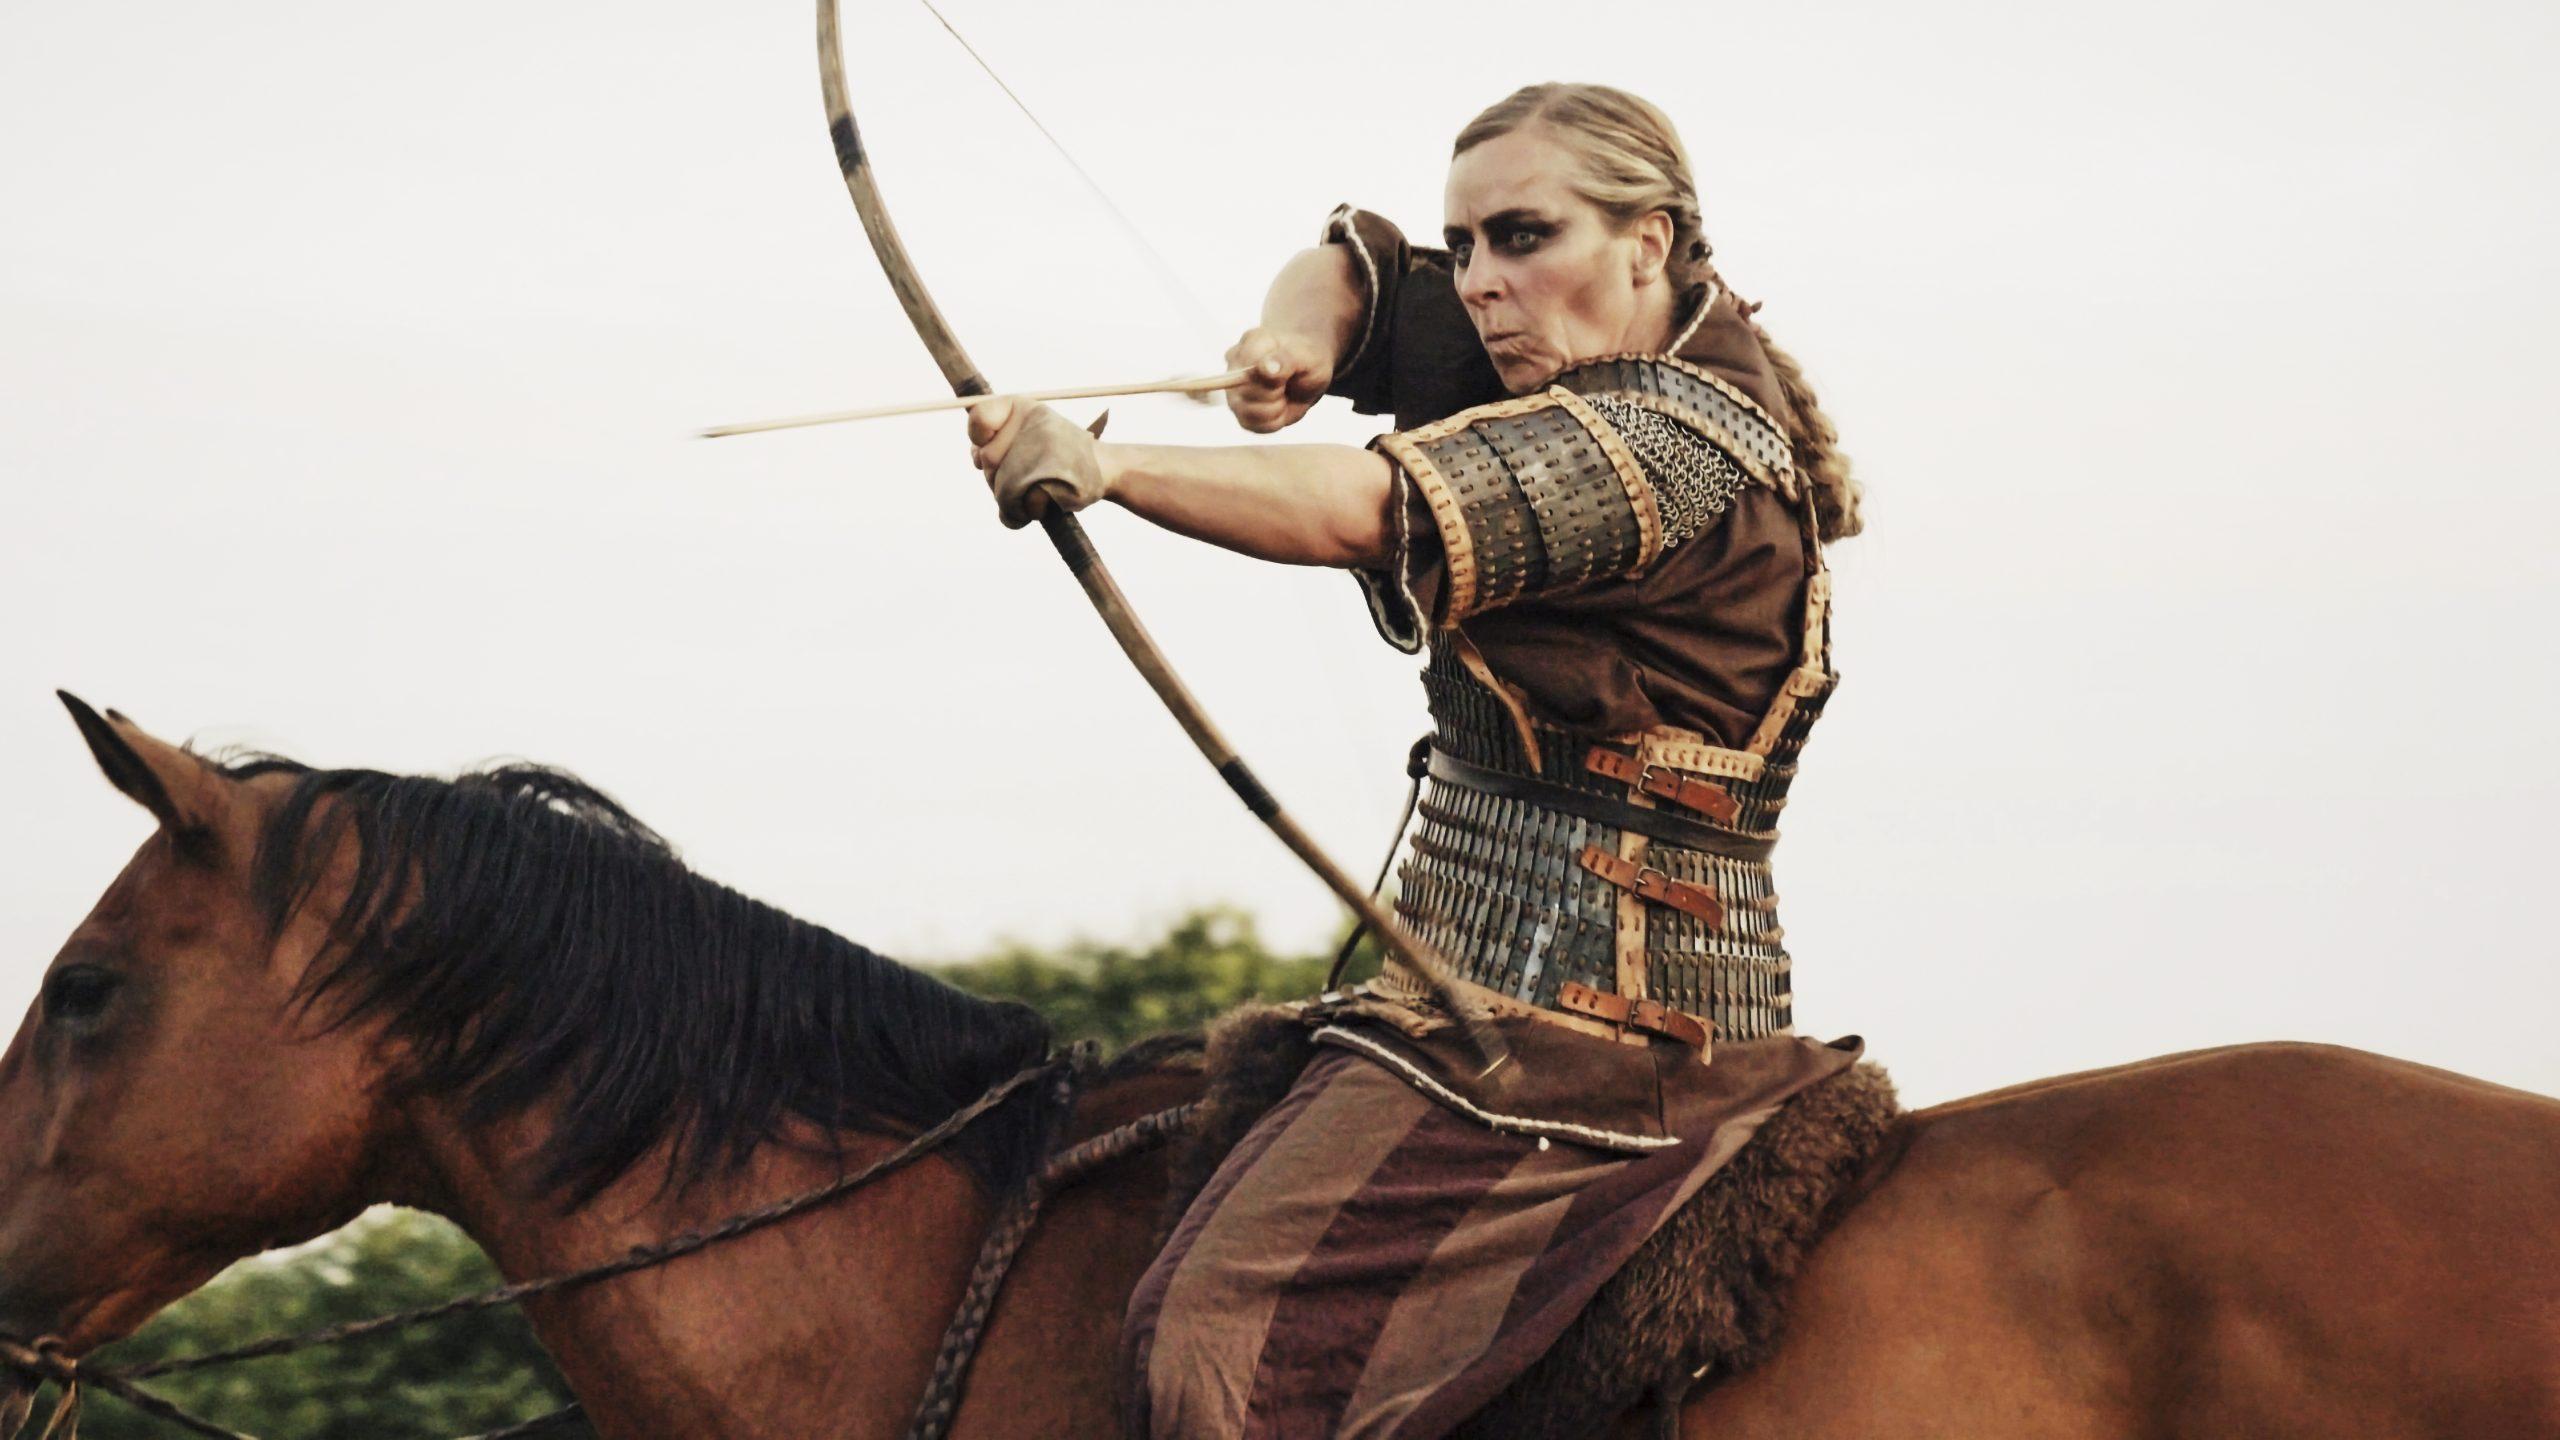 Eine Frau mit langen blonden Haar in einer Rüstung auf einem braunen Pferd. Die Frau zielt gerade mit Pfeil und Bogen.